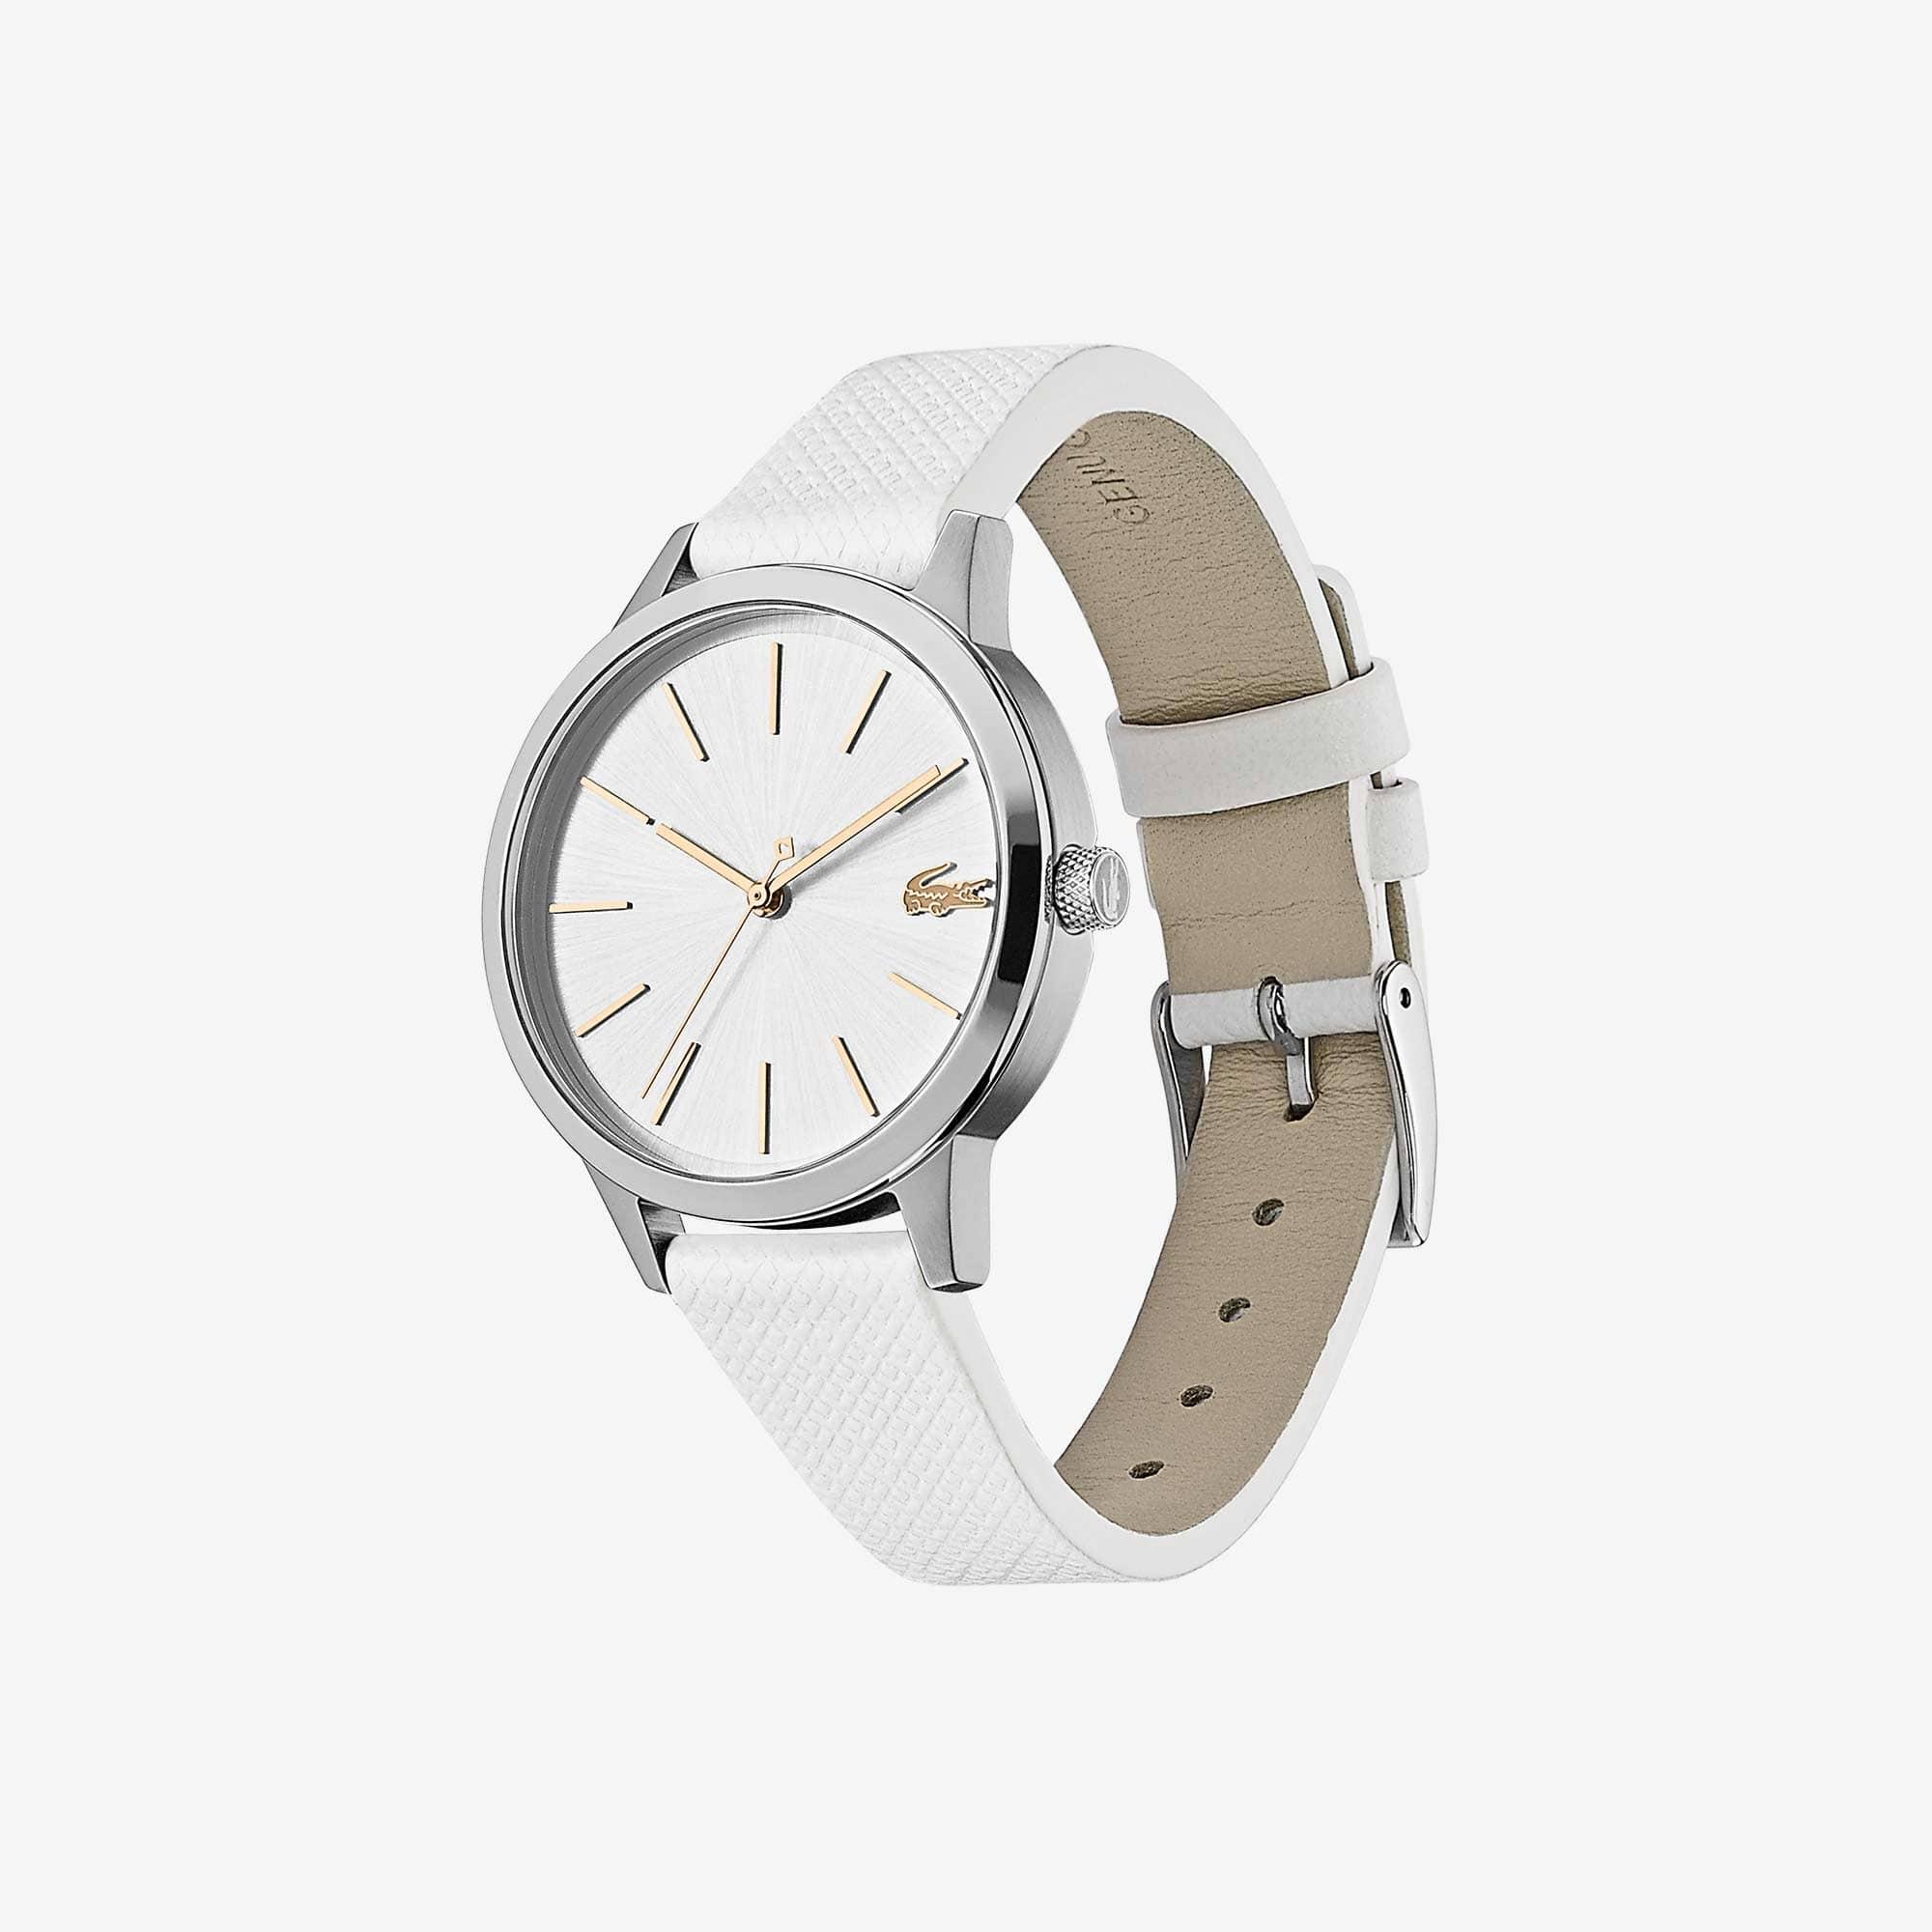 Damen LACOSTE 12.12 Premium-Uhr mit weißem Lederband mit eingeprägtem Petit Piqué Muster